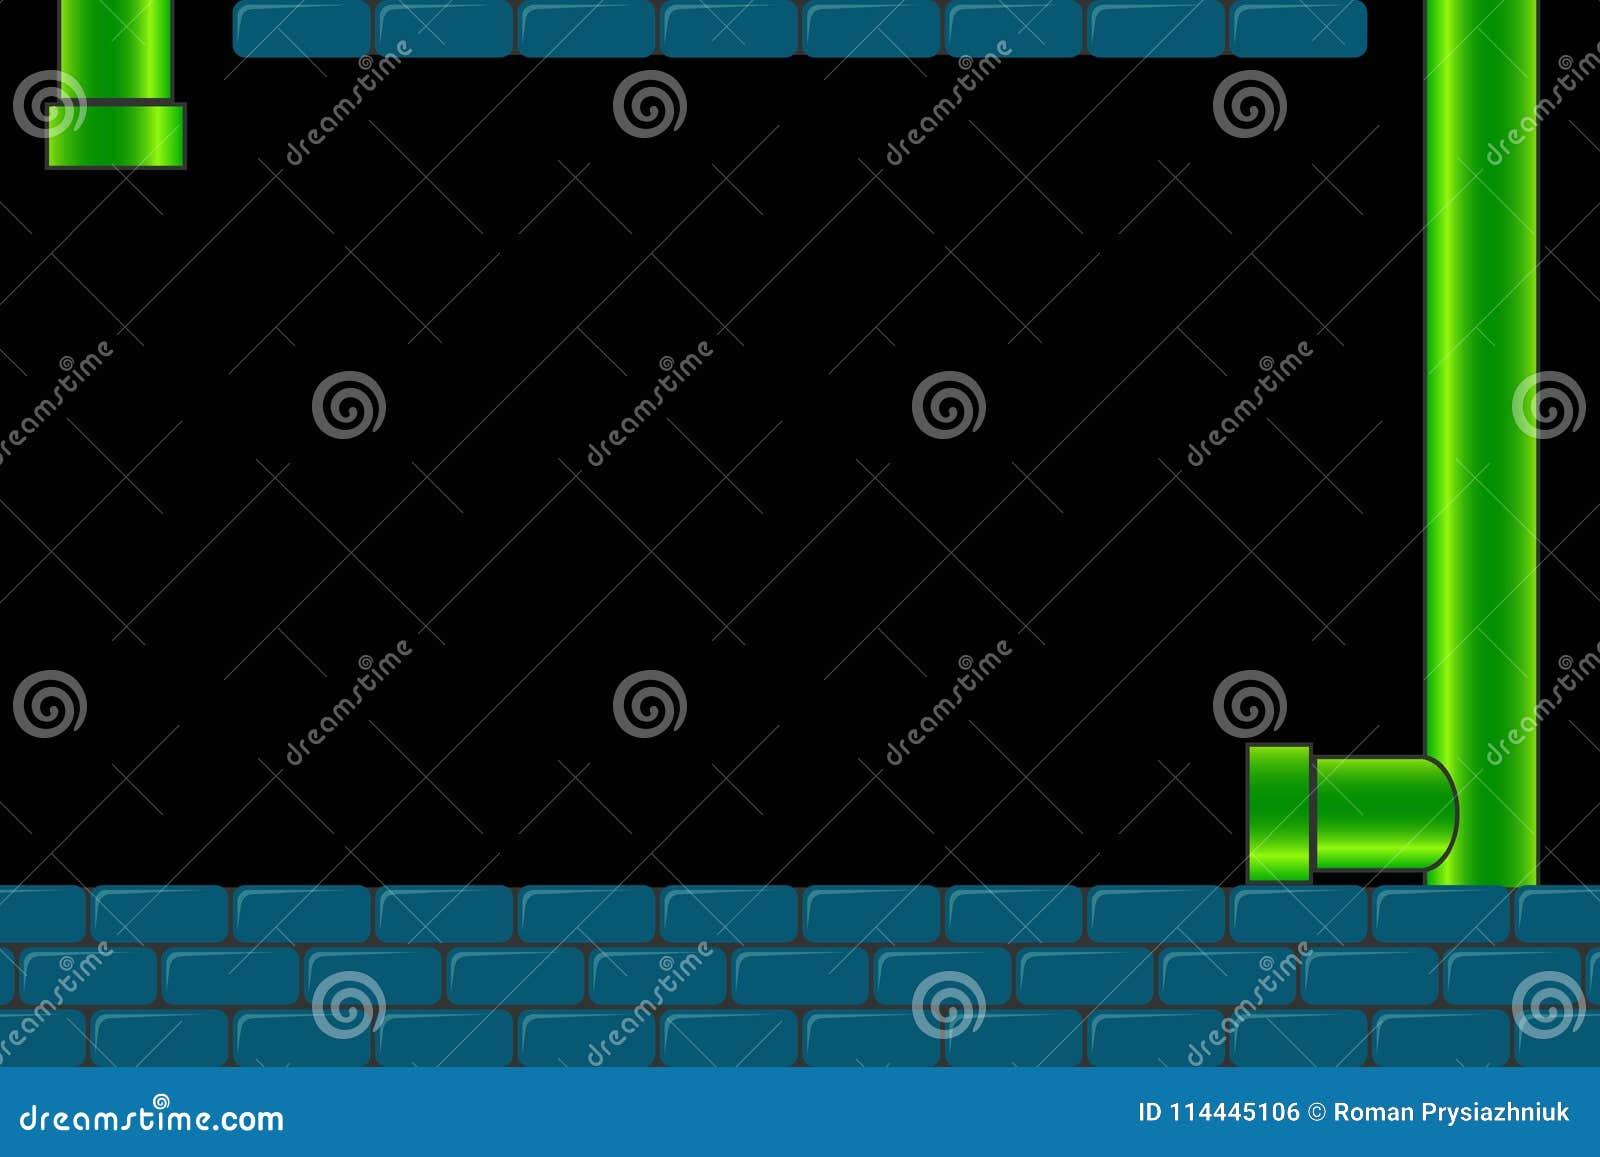 Vecchio fondo del video gioco della galleria Retro schermo scuro per il gioco con i mattoni e tubo o tubo Vettore